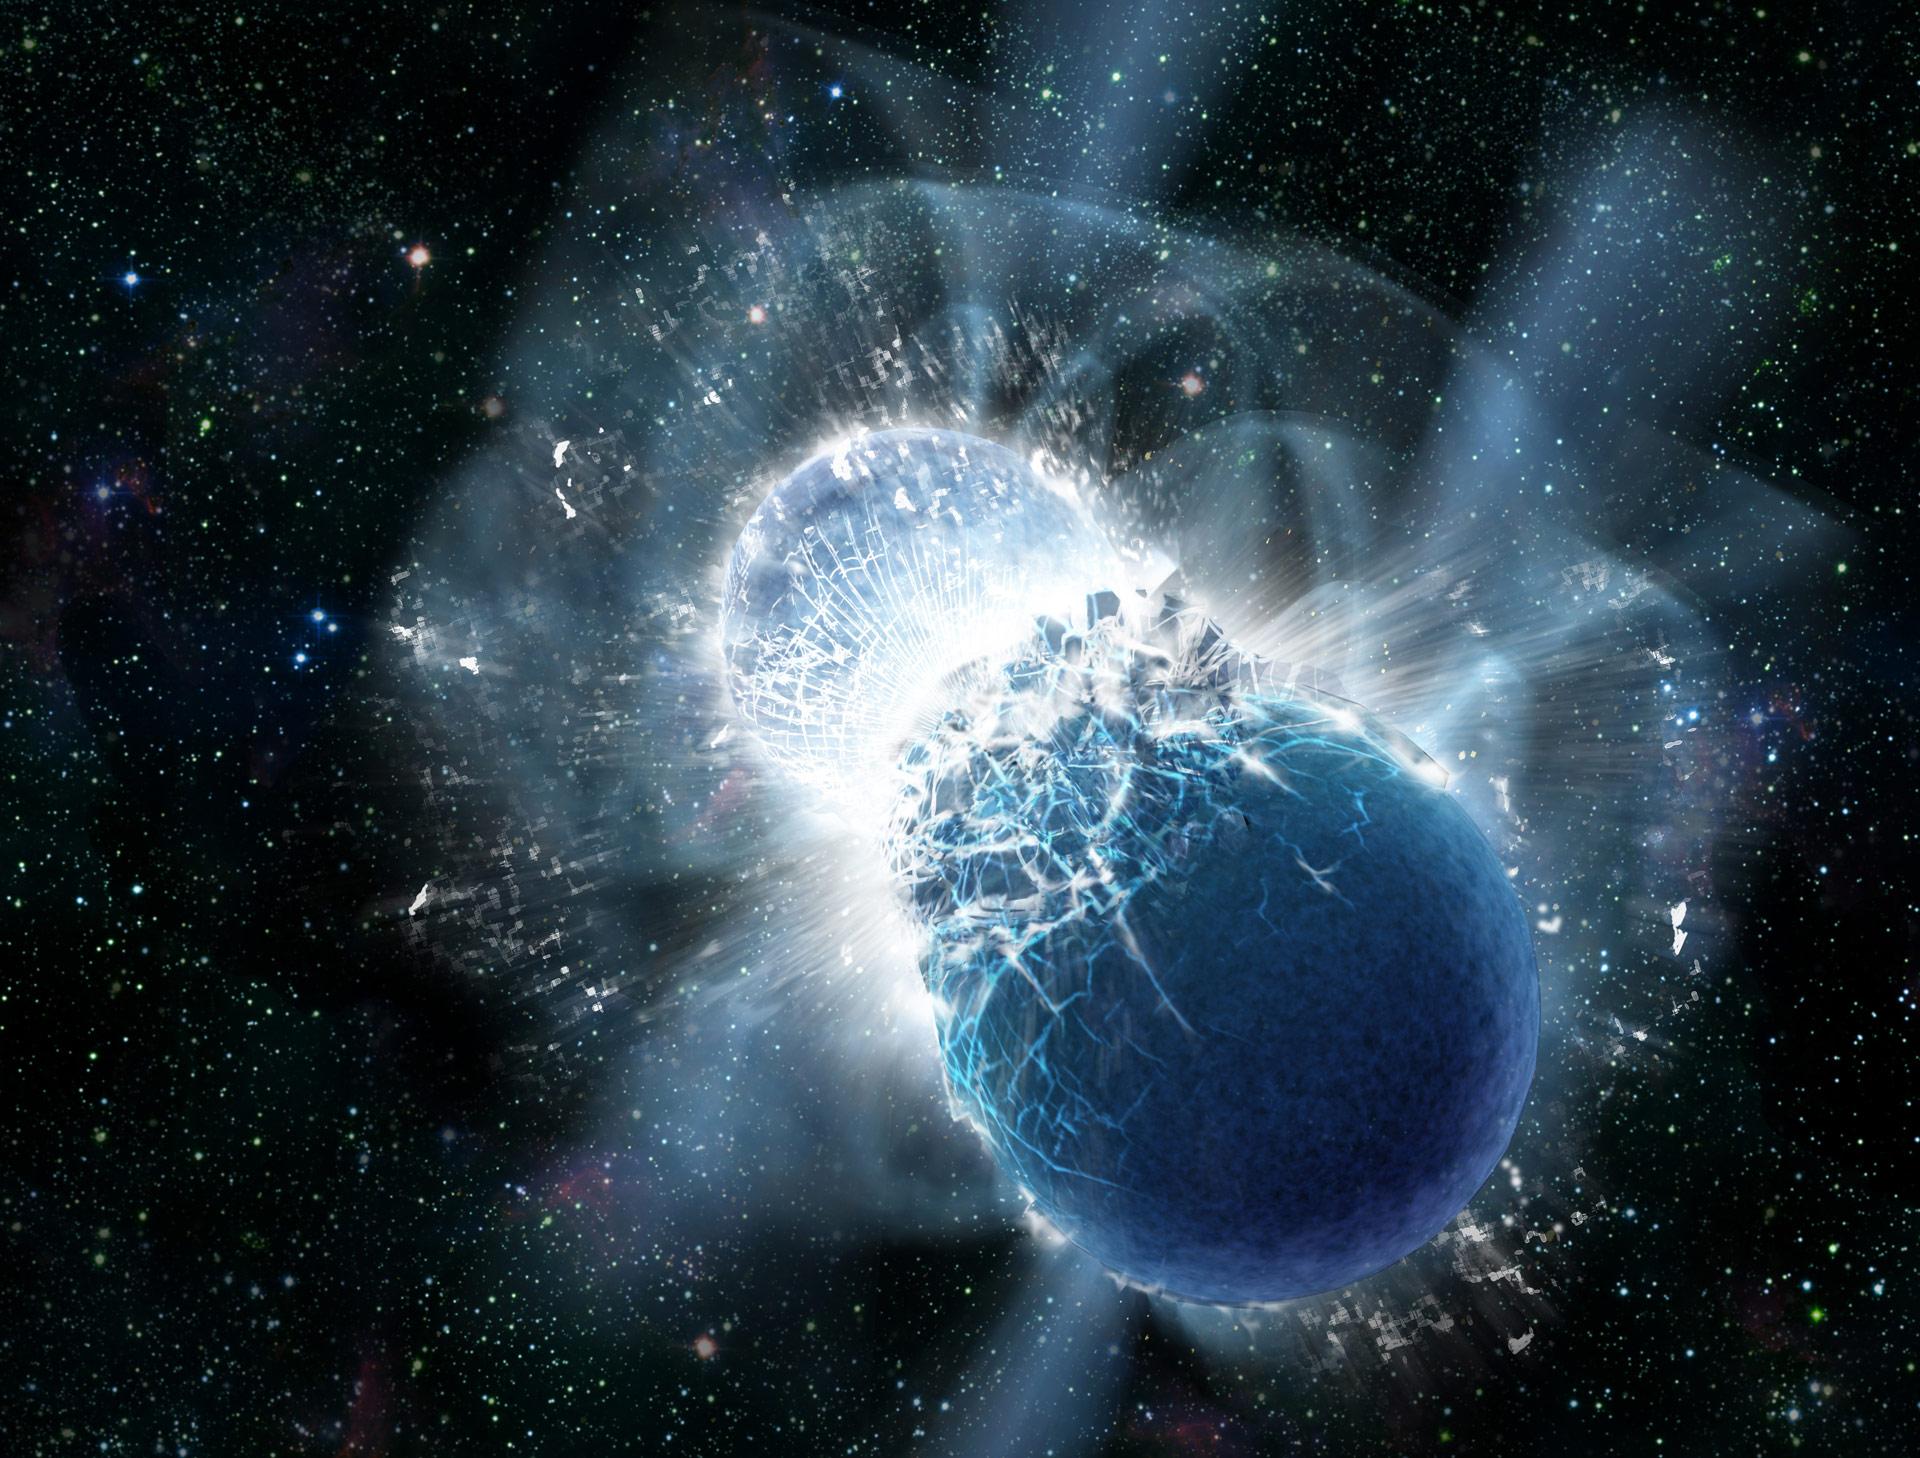 Osservata fusione tra stelle di neutroni e la nascita di una nuova stella